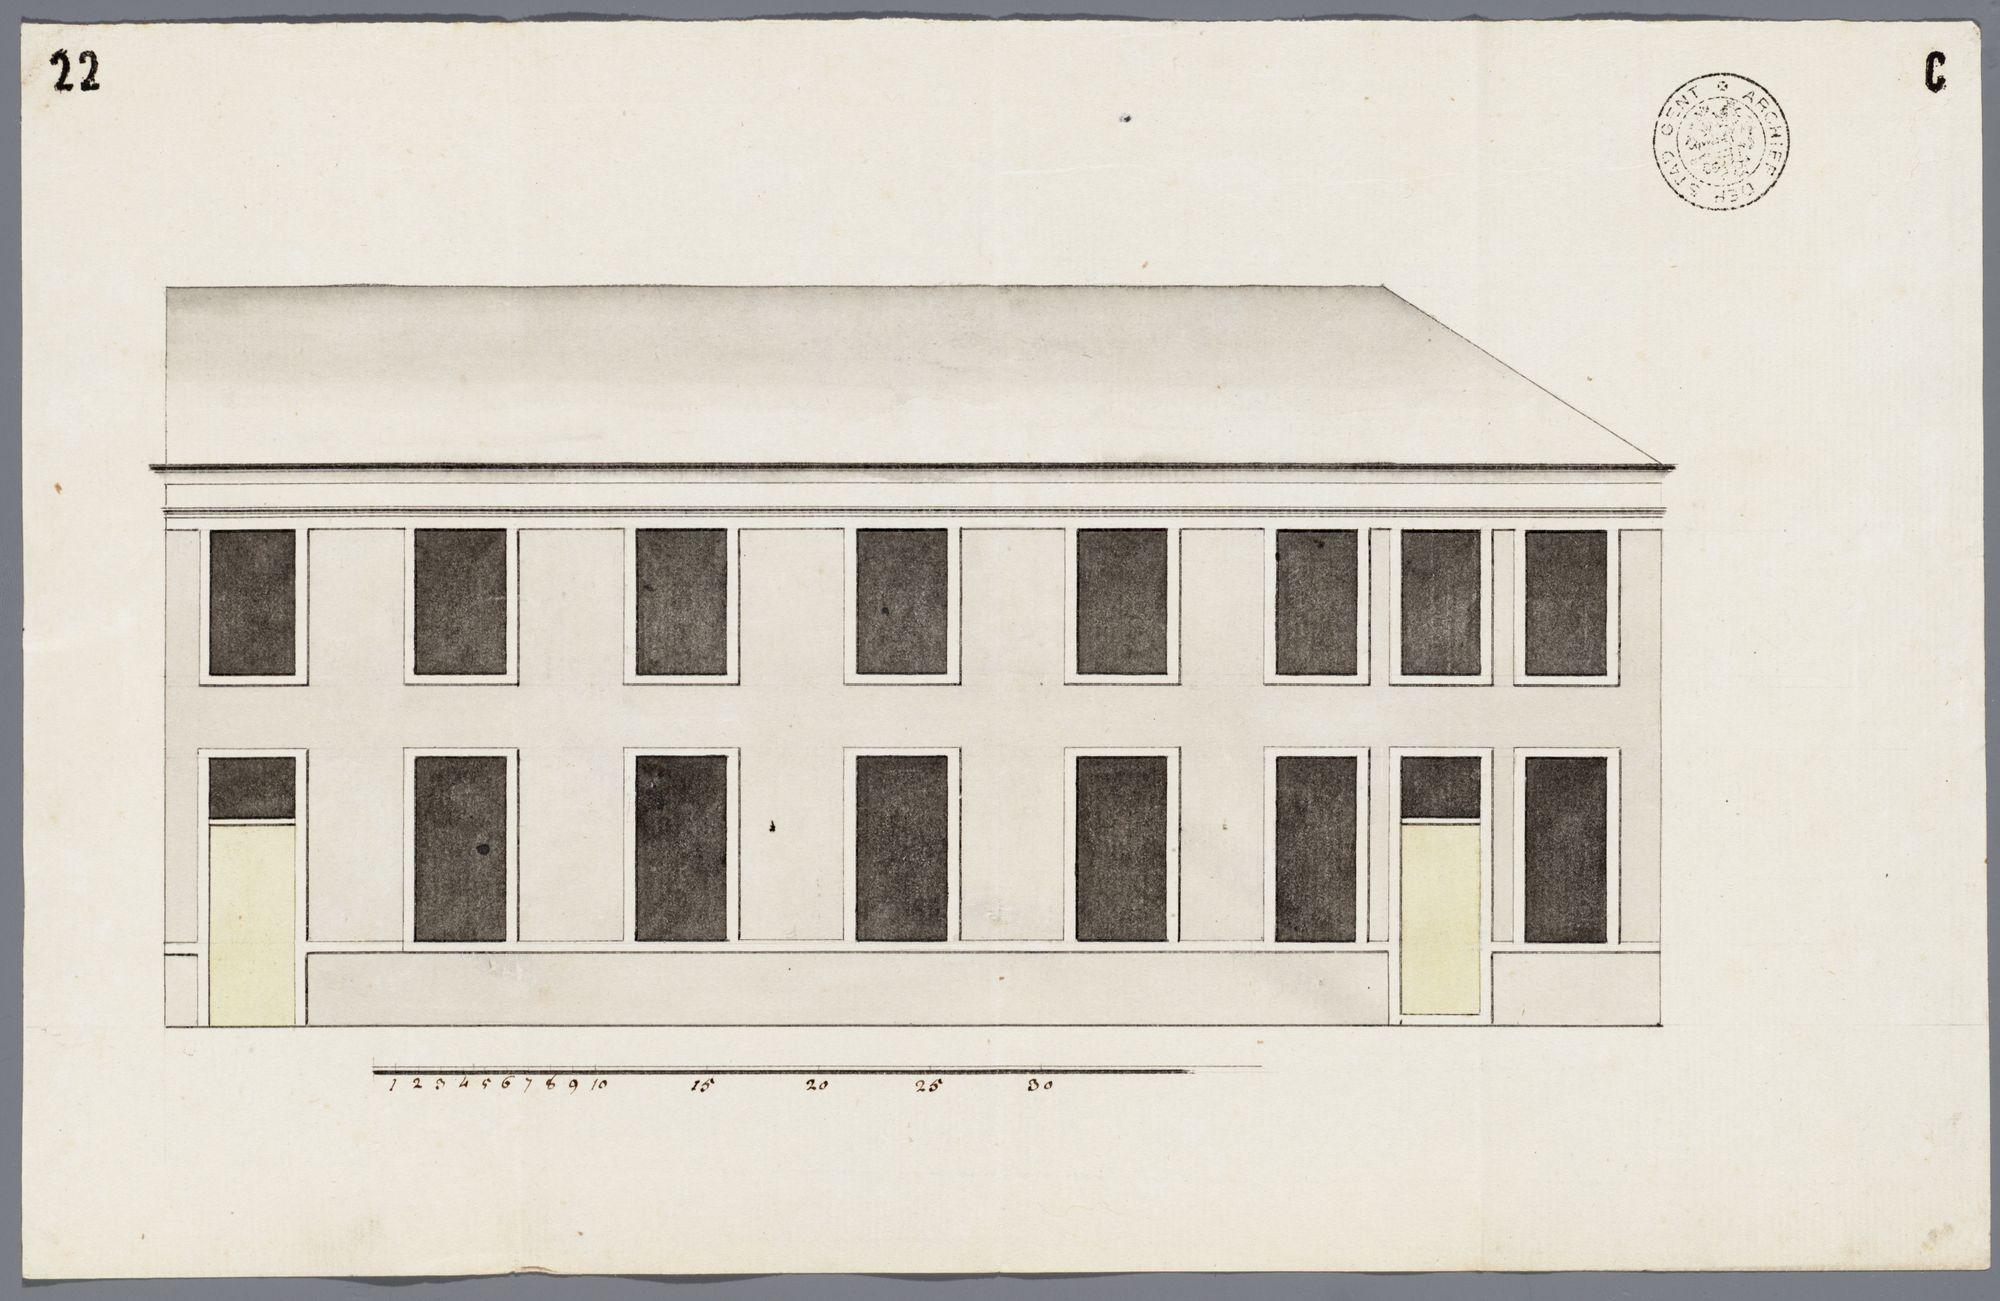 Gent: Buiten de Brugse Poort, 1782: opstand gevel